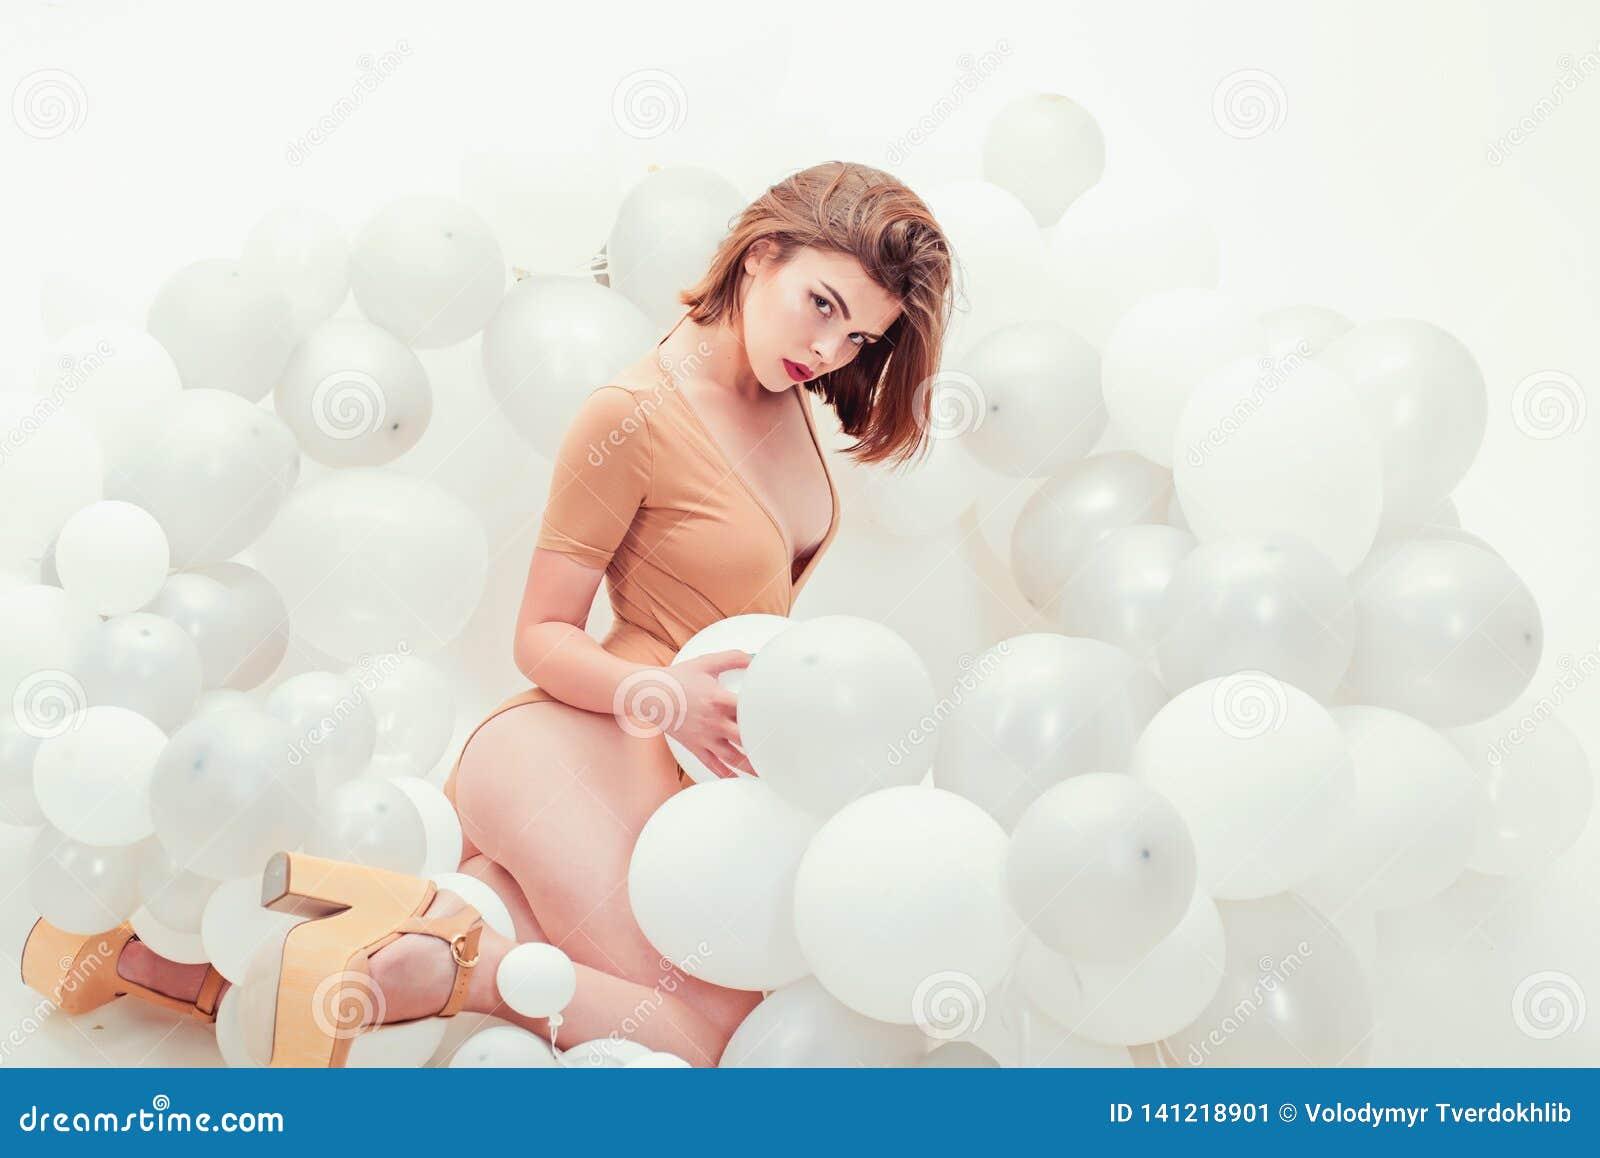 Ambitieux Et Beau Femme Dans Des Ballons De Partie Joyeux Anniversaire Jolie Fille Celebration De Partie Avec Des Ballons Femme Image Stock Image Du Dans Femme 141218901